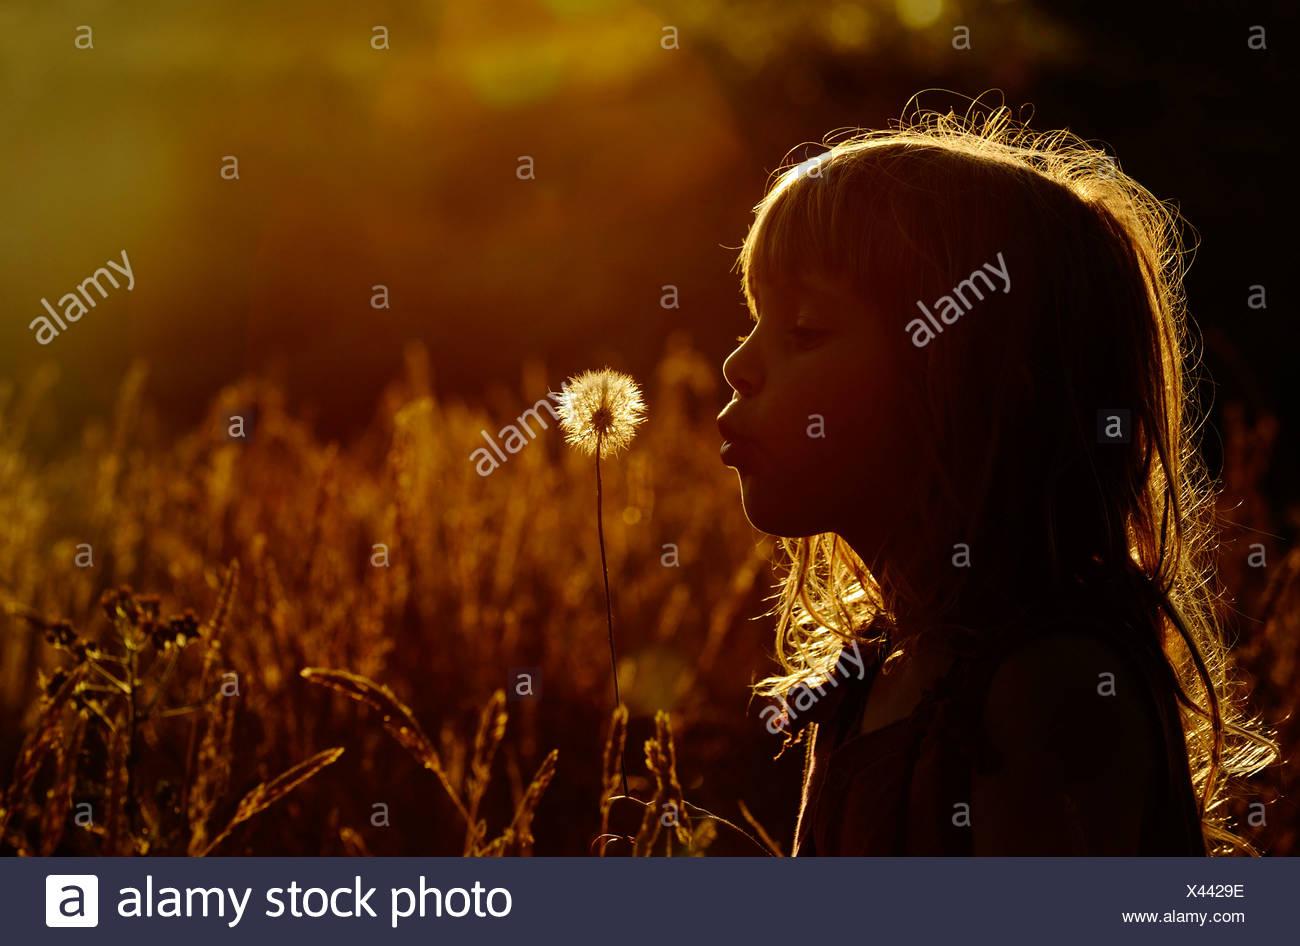 Ragazza giovane giocando nel prato in tarda estate Norfolk - Modello rilasciato Immagini Stock